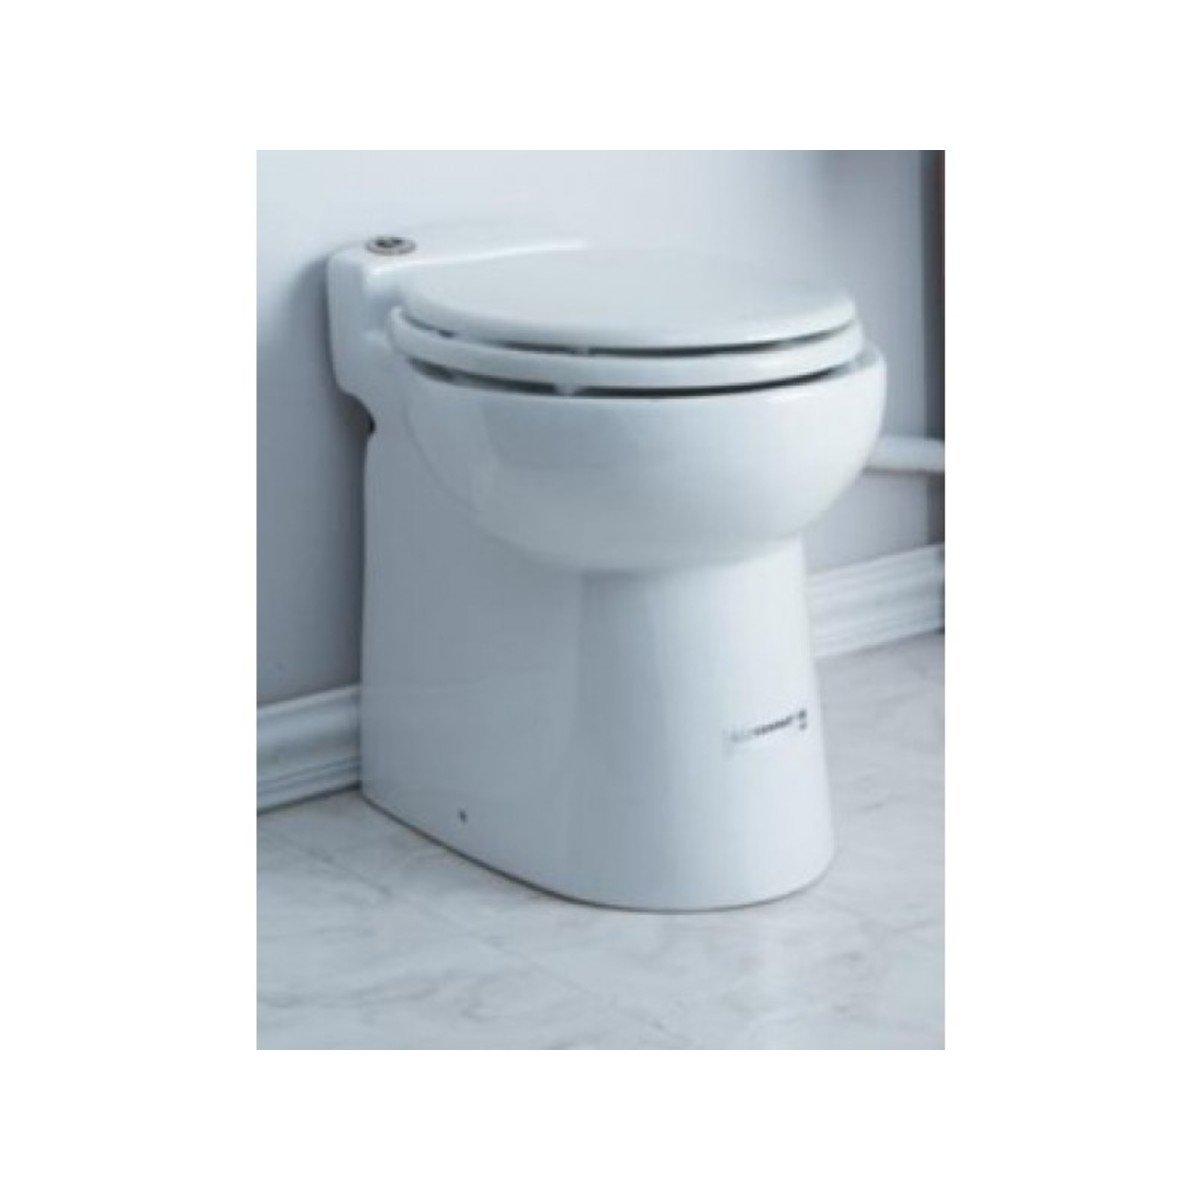 Sanibroyeur Sanicompact C48 Broyeur Sanitaire Dans Cuvette pour Toilette Sanibroyeur